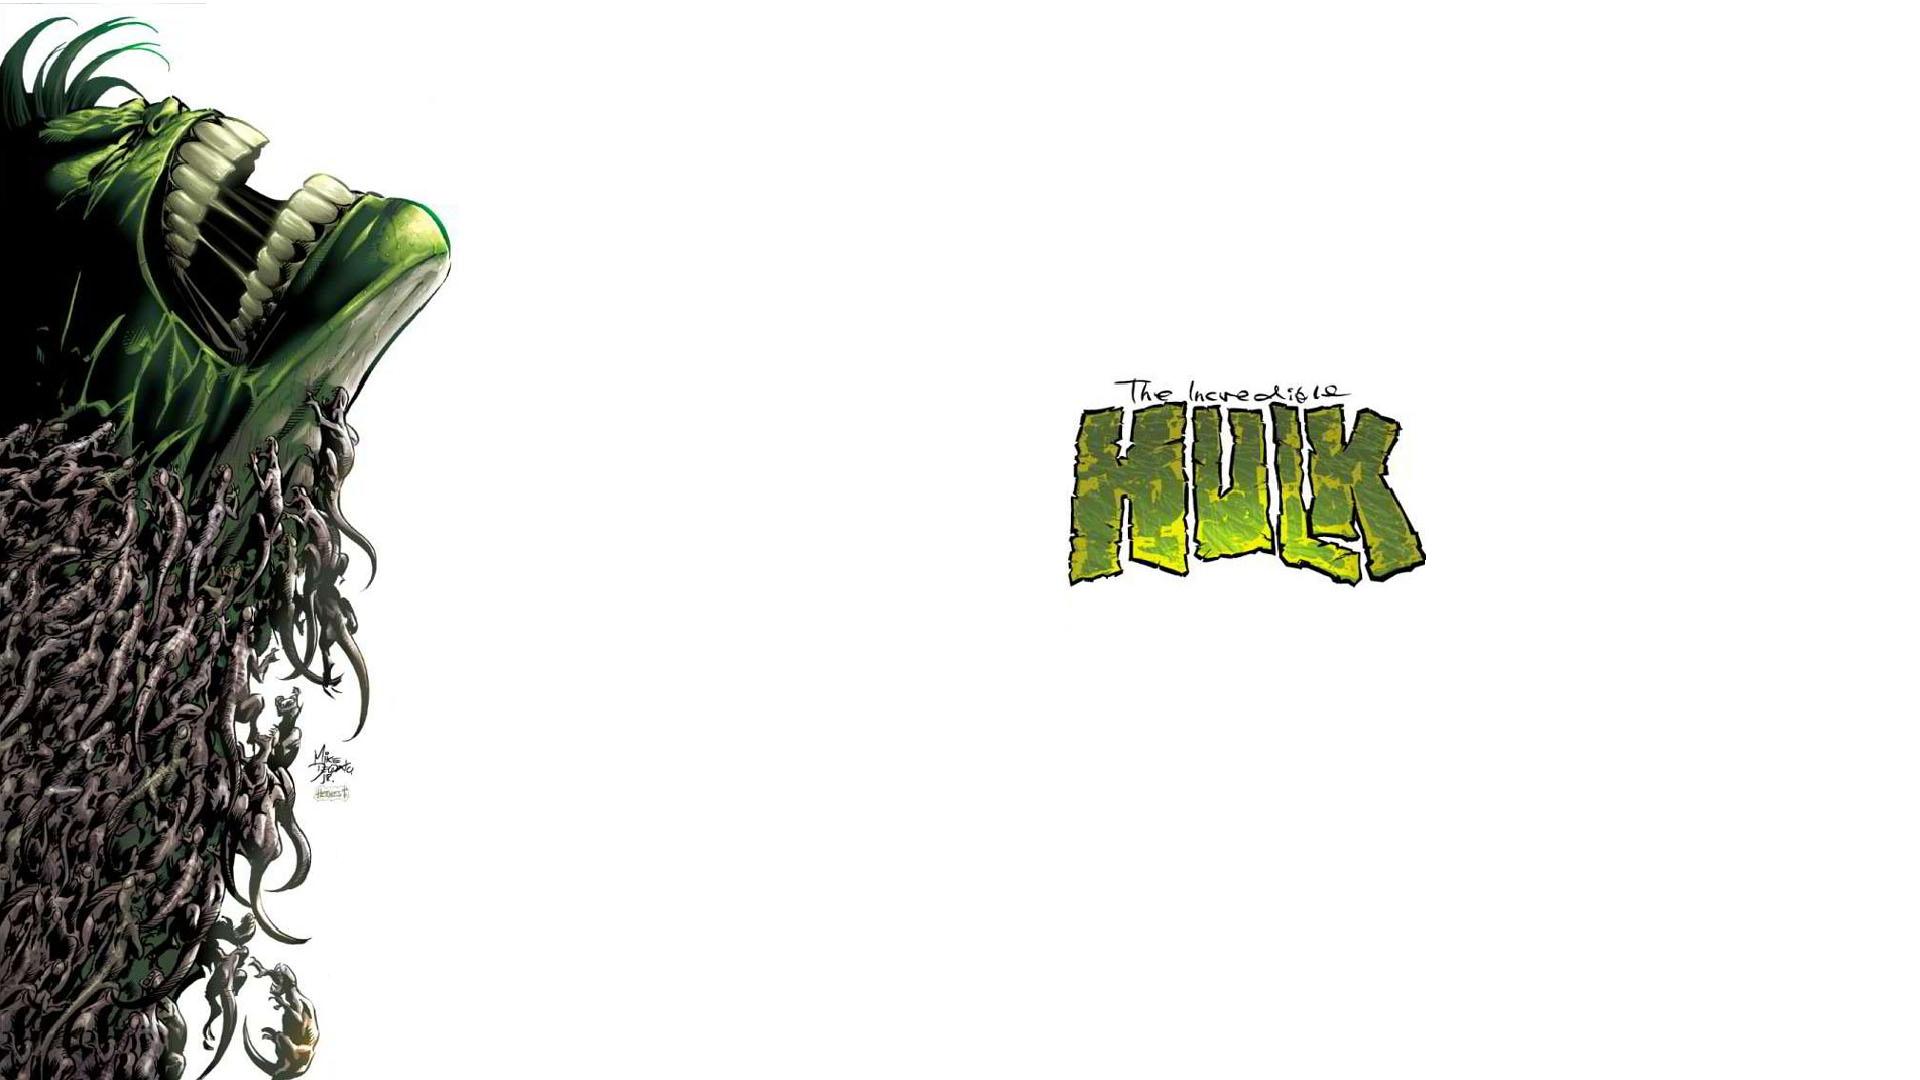 8 Incredible Hulk HD Wallpapers